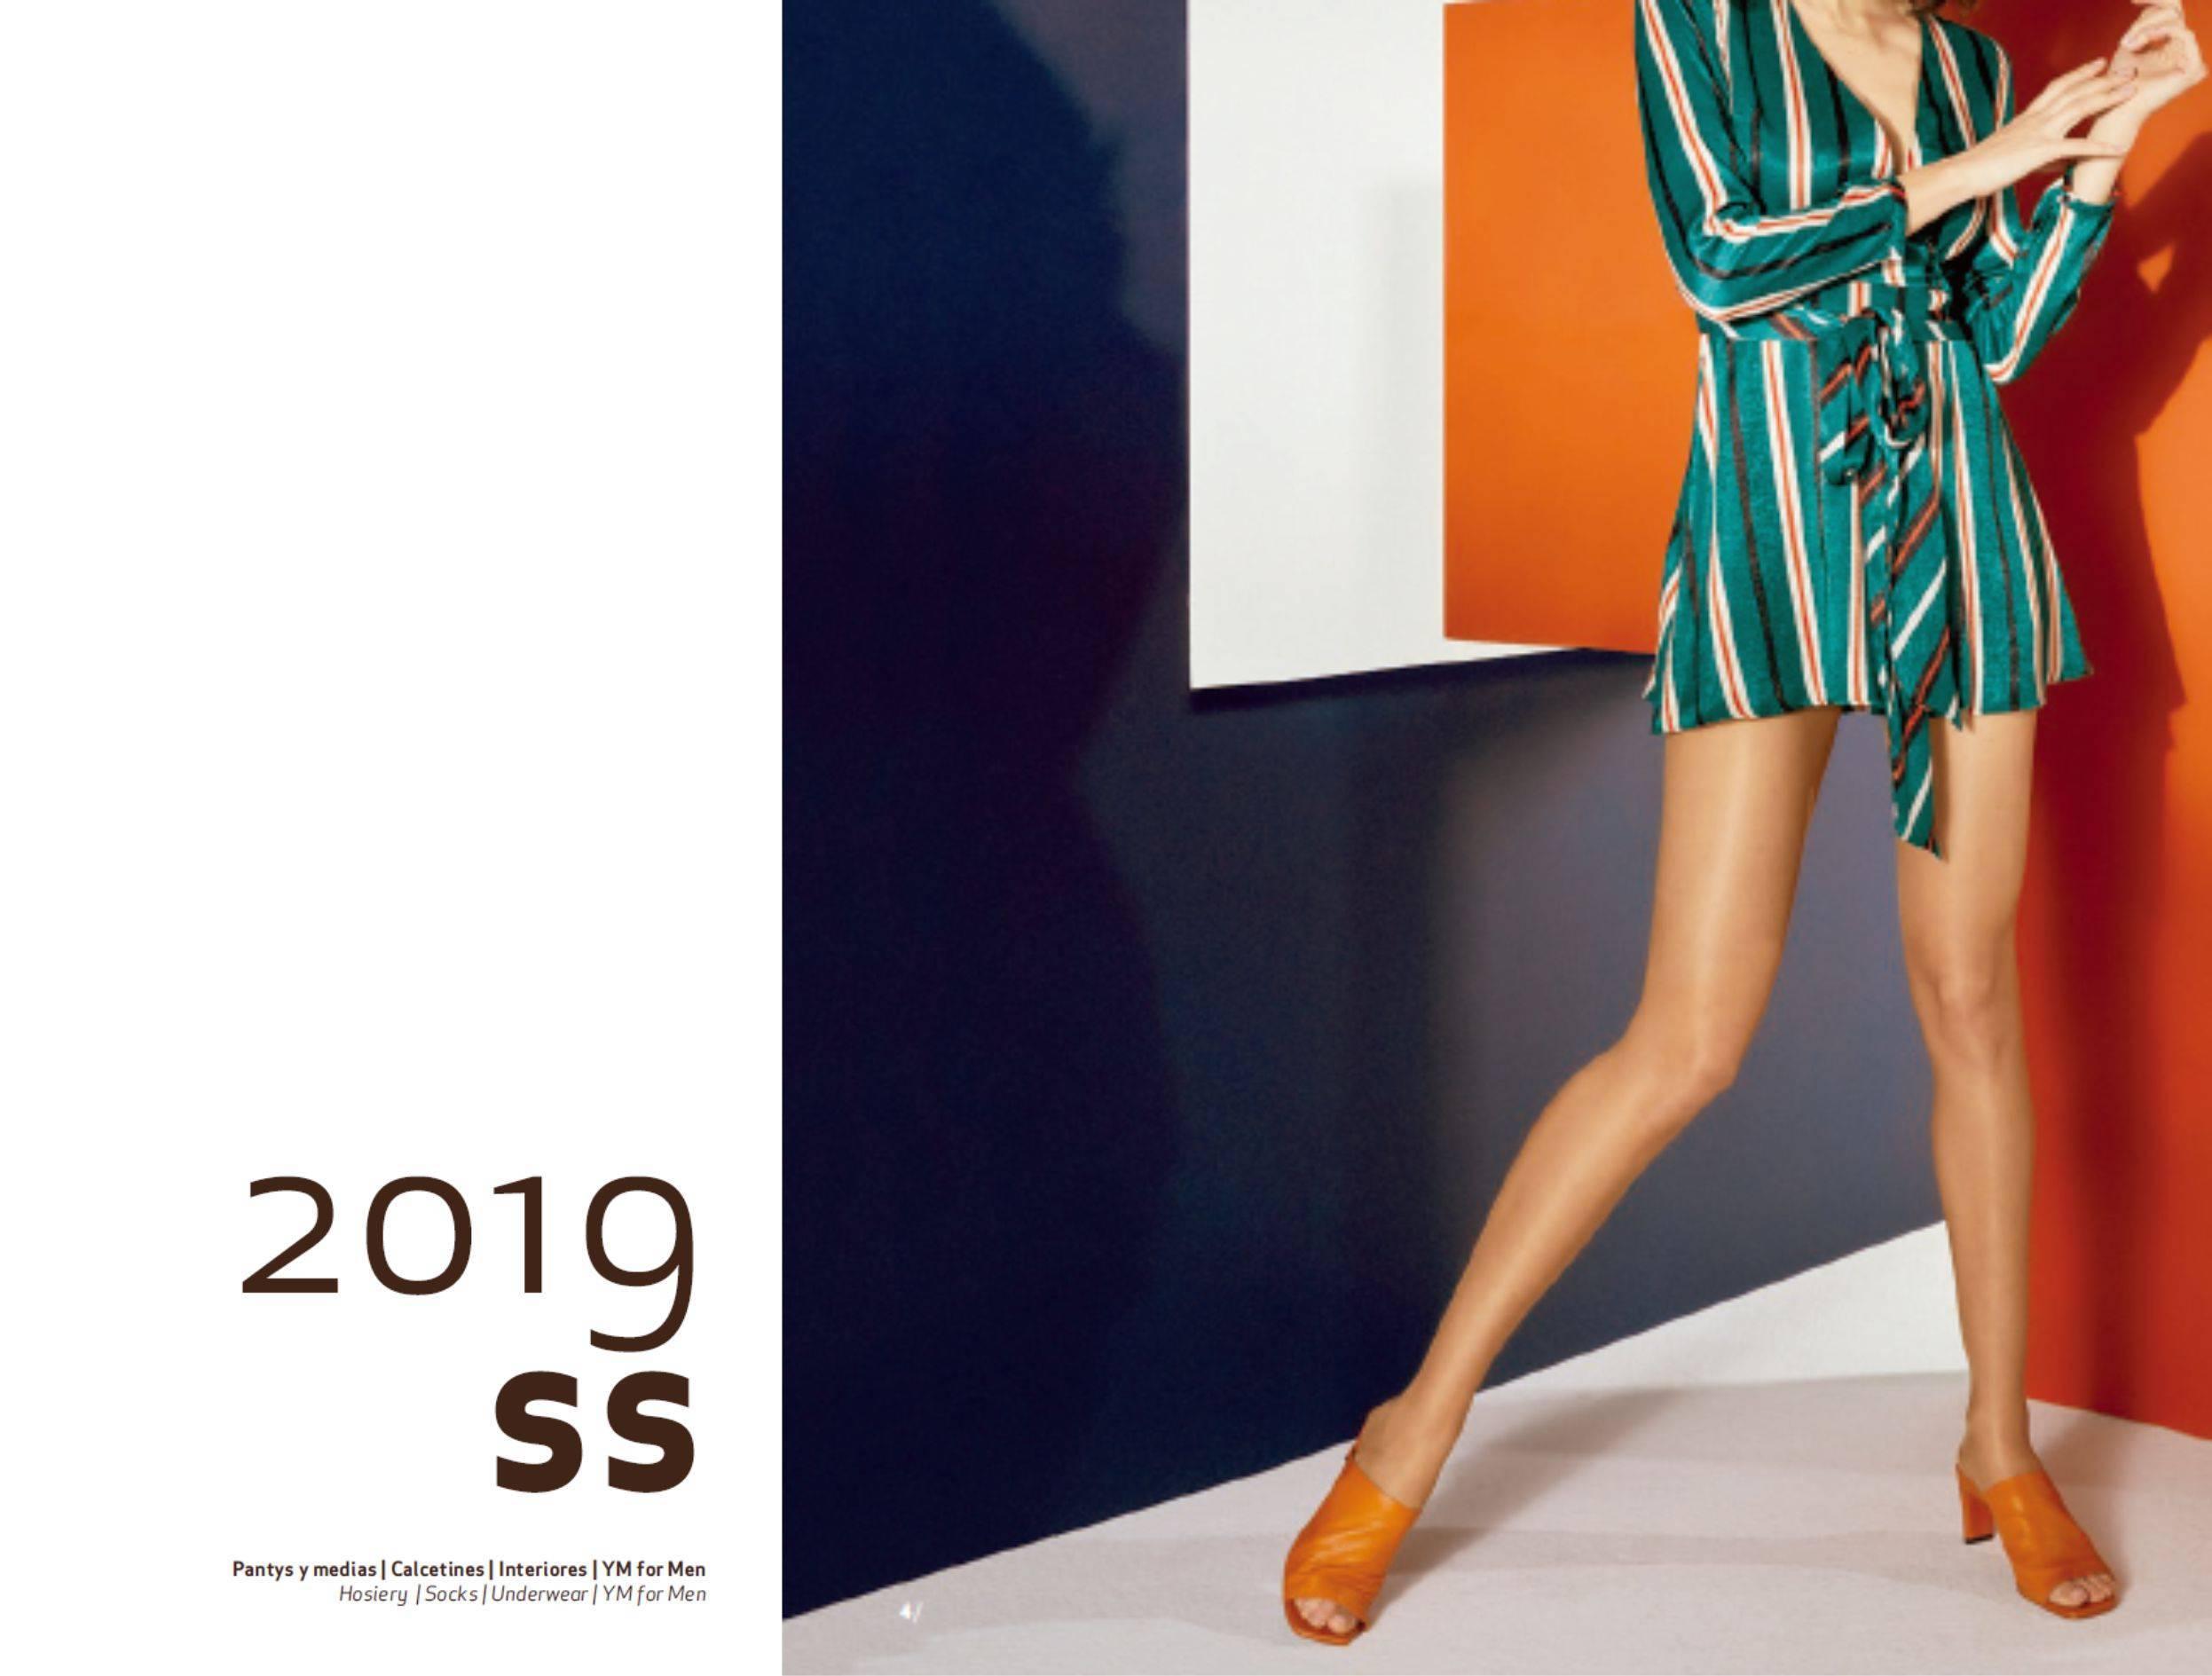 Campaña Primavera/Verano Ysabel Mora 2019